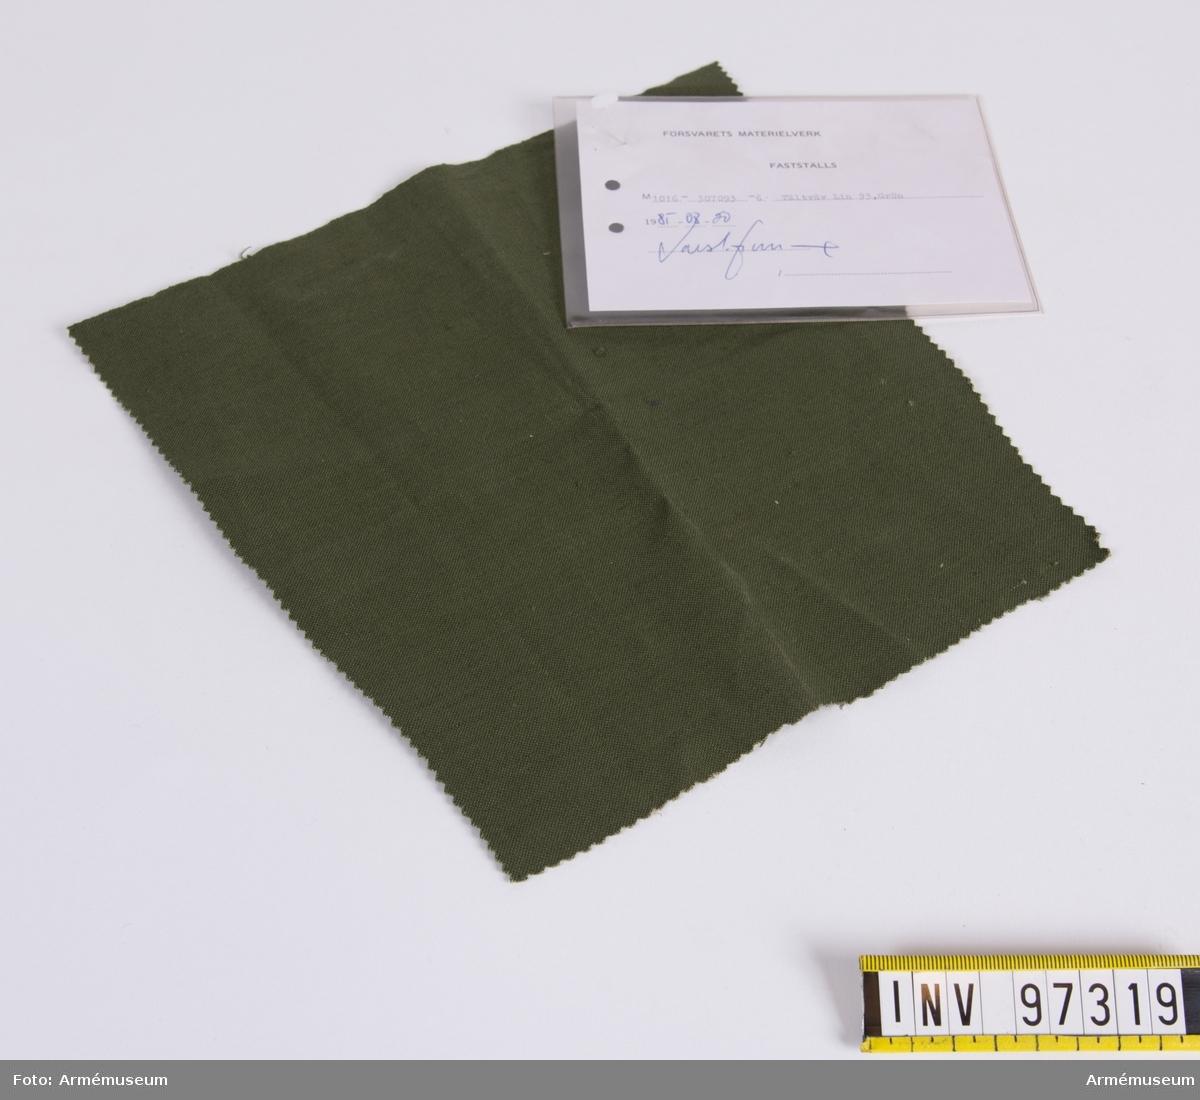 """Vidhängande modellapp med text: """"Försvarets materielverk. Fastställs. M 1016-307093-6 Tältväv Lin 93, Grön. 1985-08-20 (oläslig sign)"""""""